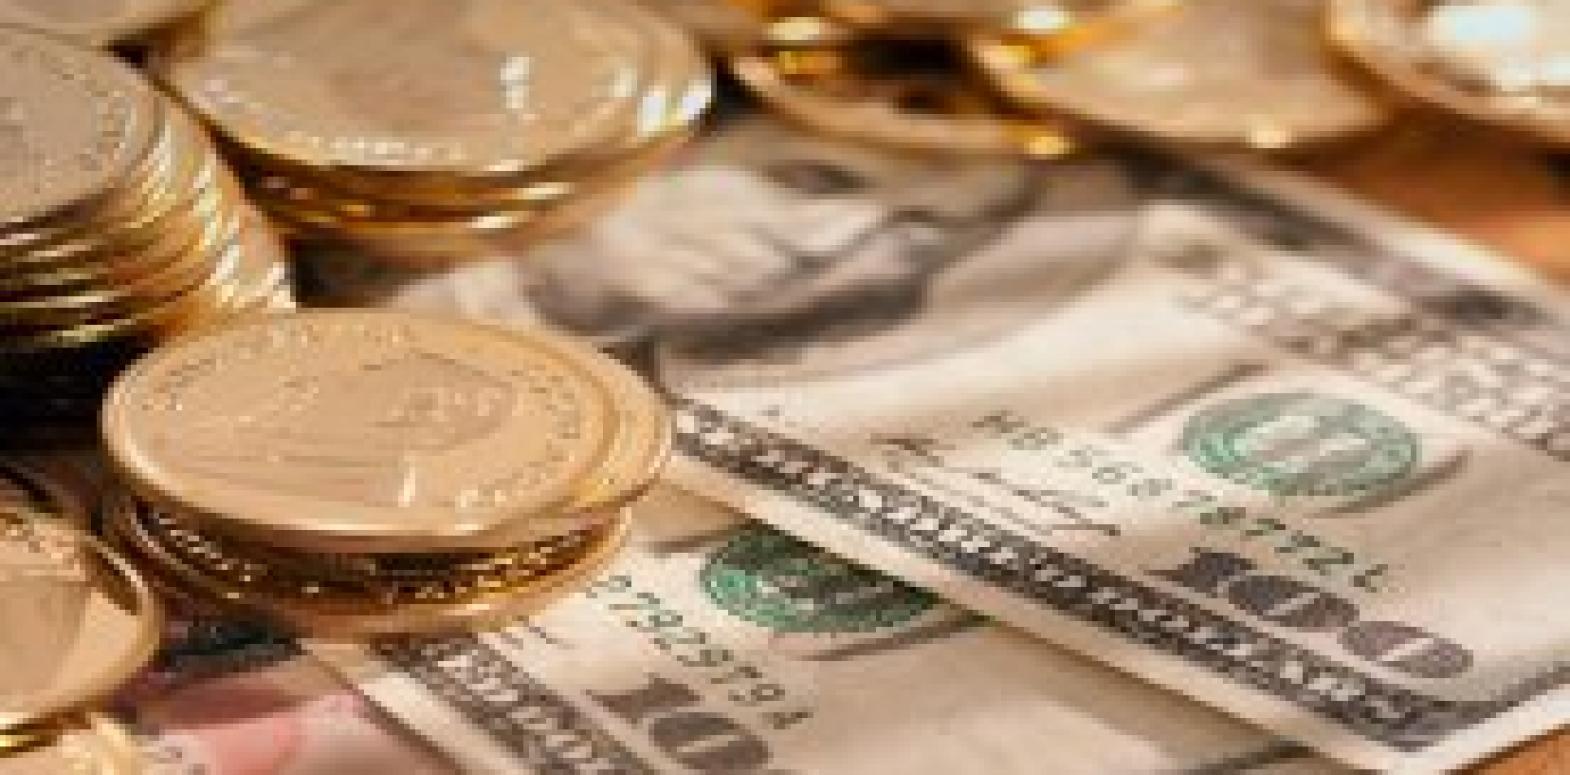 Курс НБУ на 23 апреля: доллар - 27,05 грн, евро - 29,41 грн